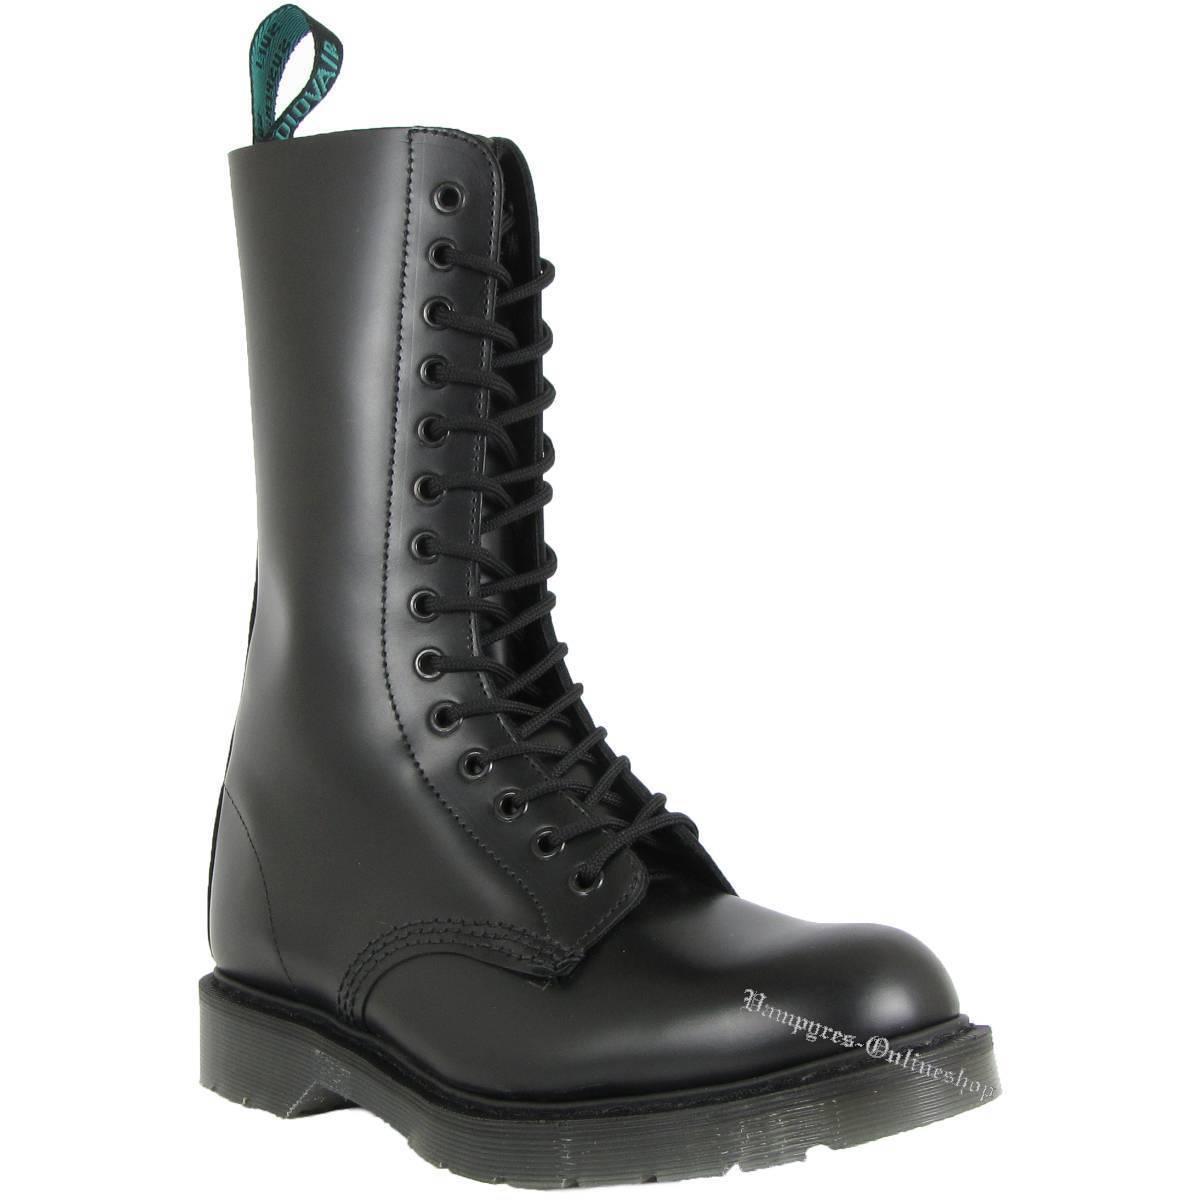 Solovair 14-Loch S14B-BK Schwarz Made in England Stiefel Leder Schuhe schwarz schwarz